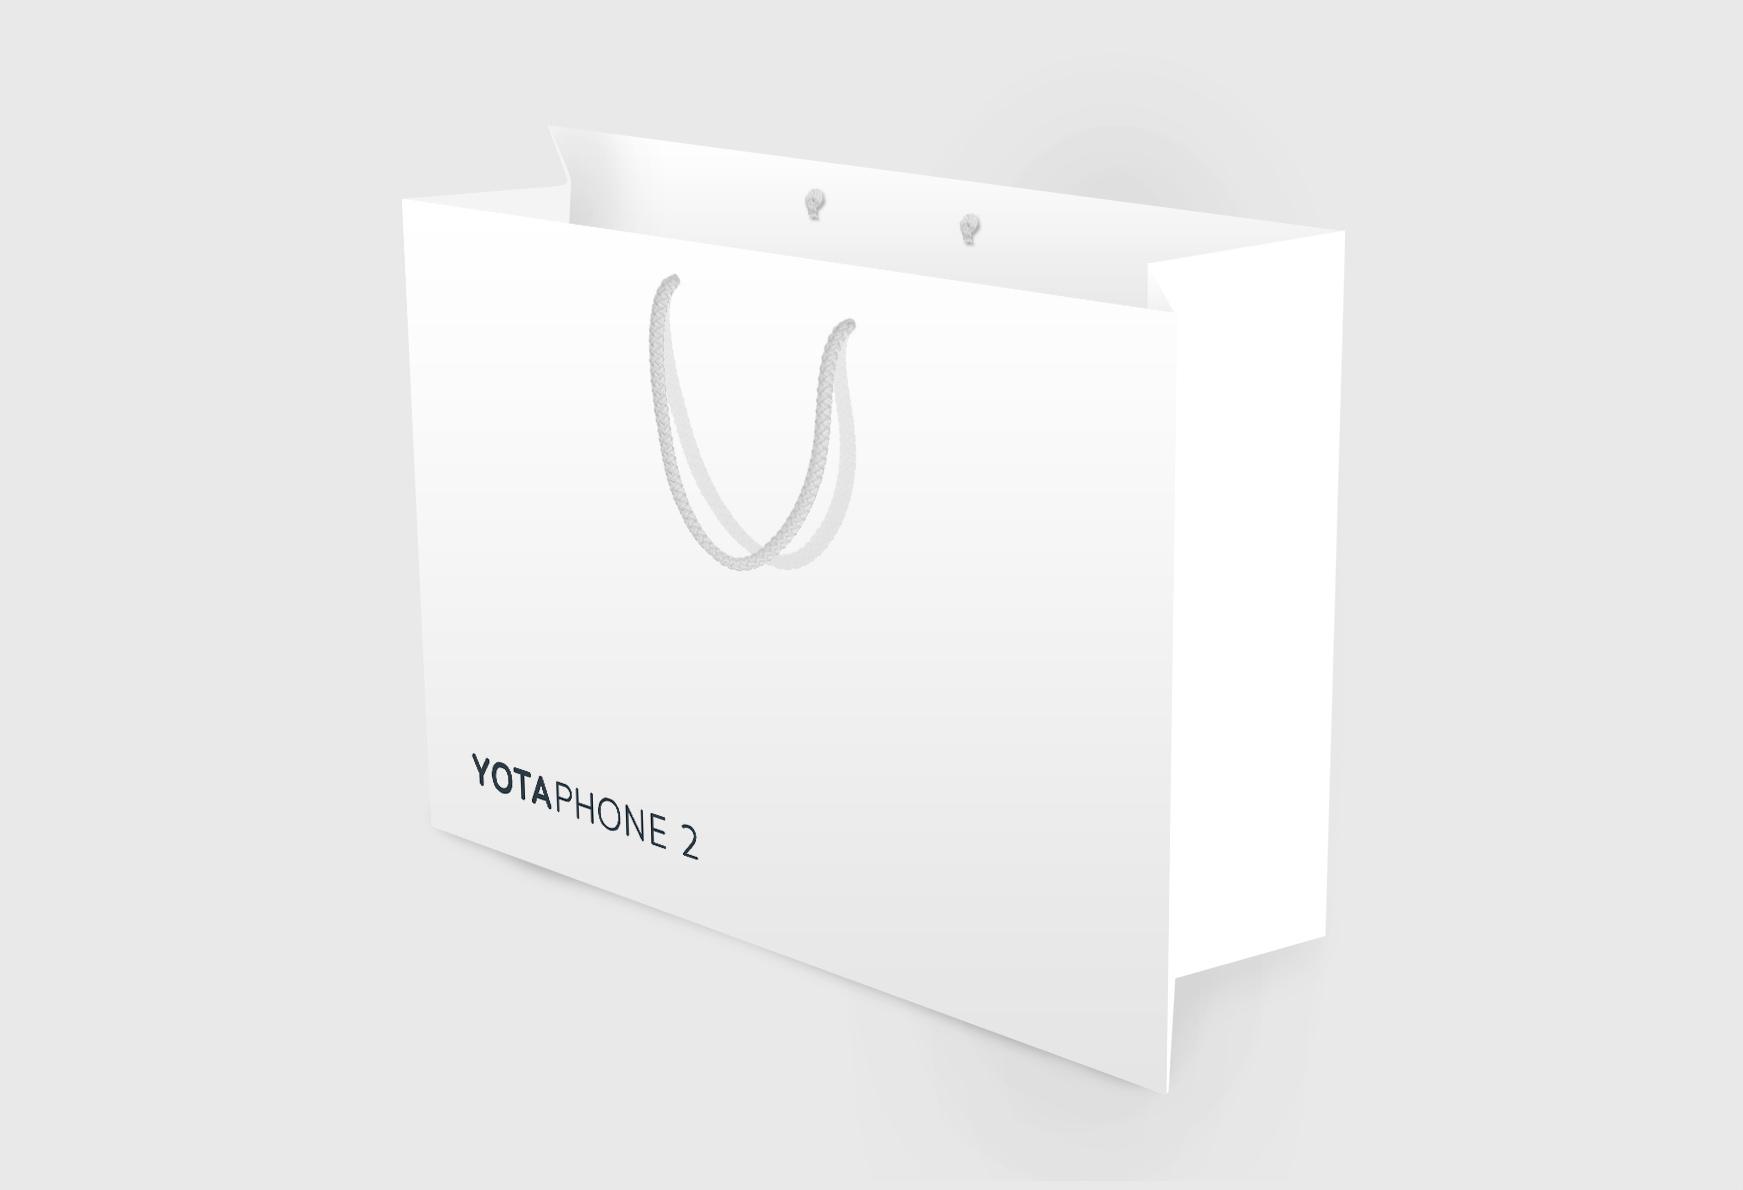 Изготовление полиграфии для презентации YotaPhone2, изготовление пакетов